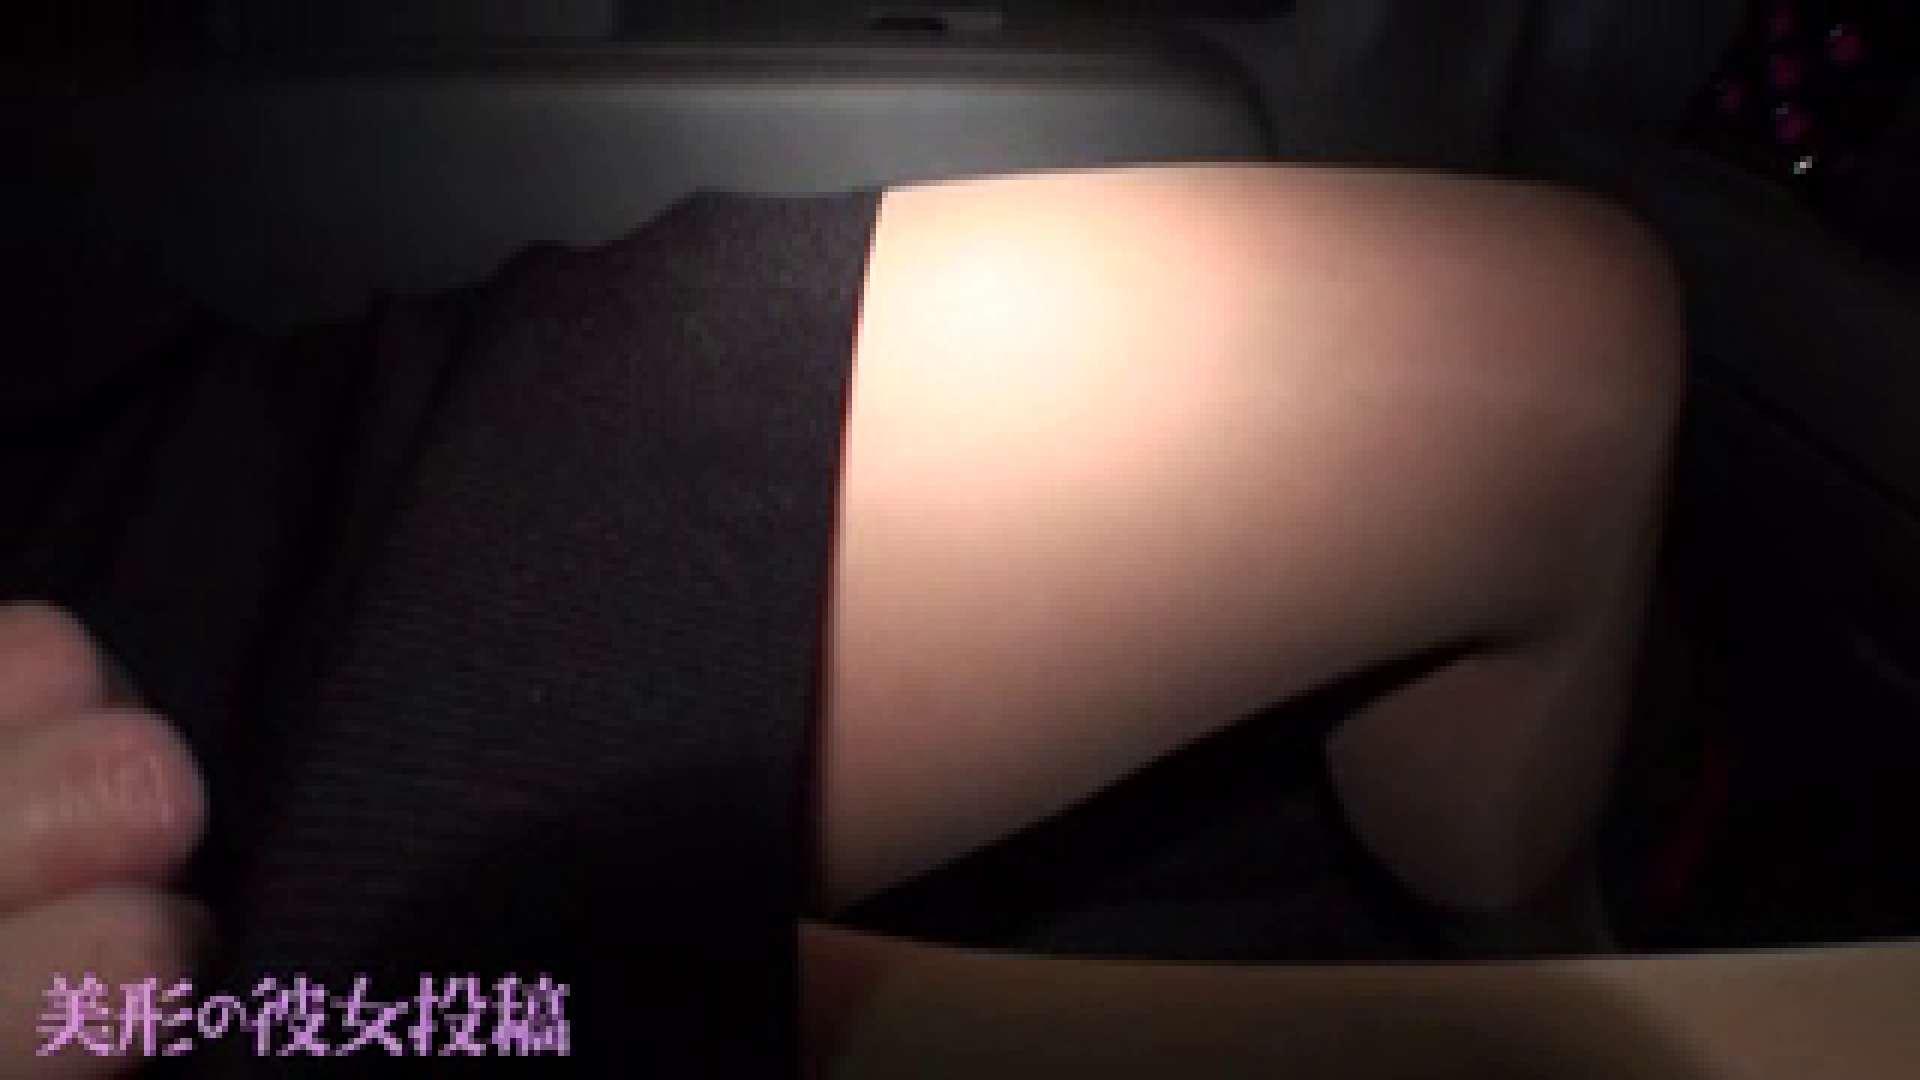 超美形の彼女を投稿!!03 SEX映像  86pic 48